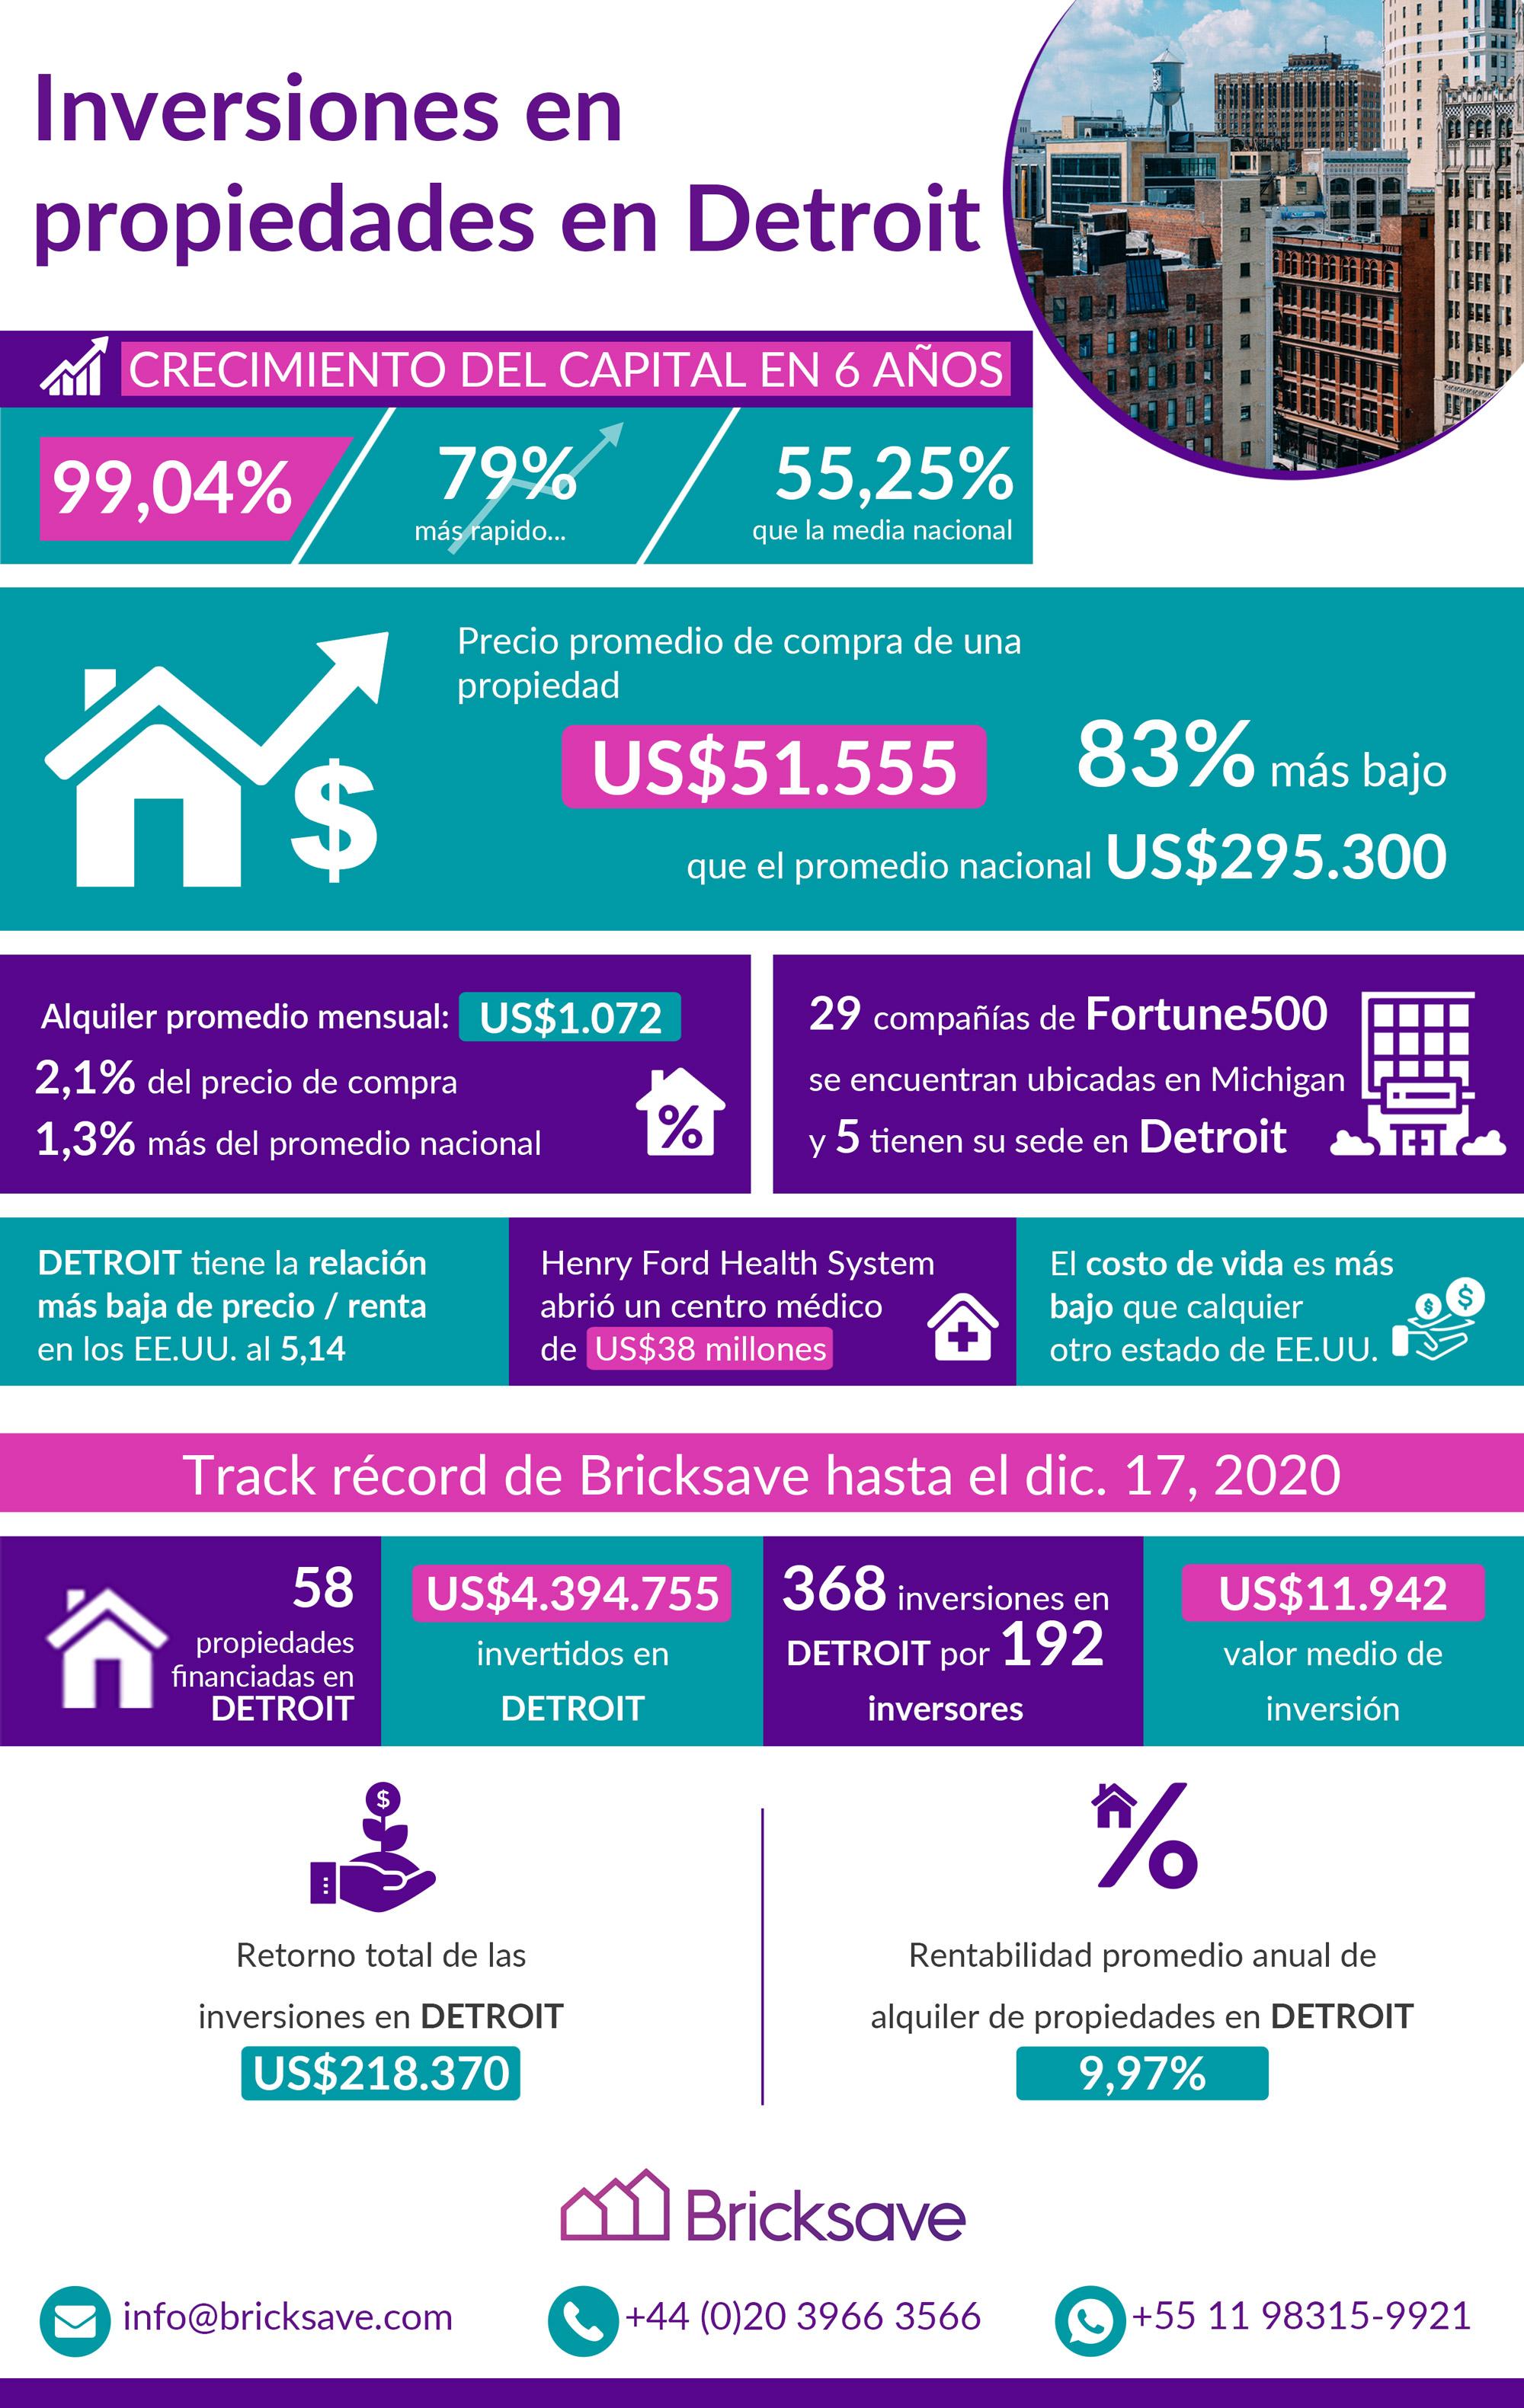 Inversiones en propiedades en Detroit